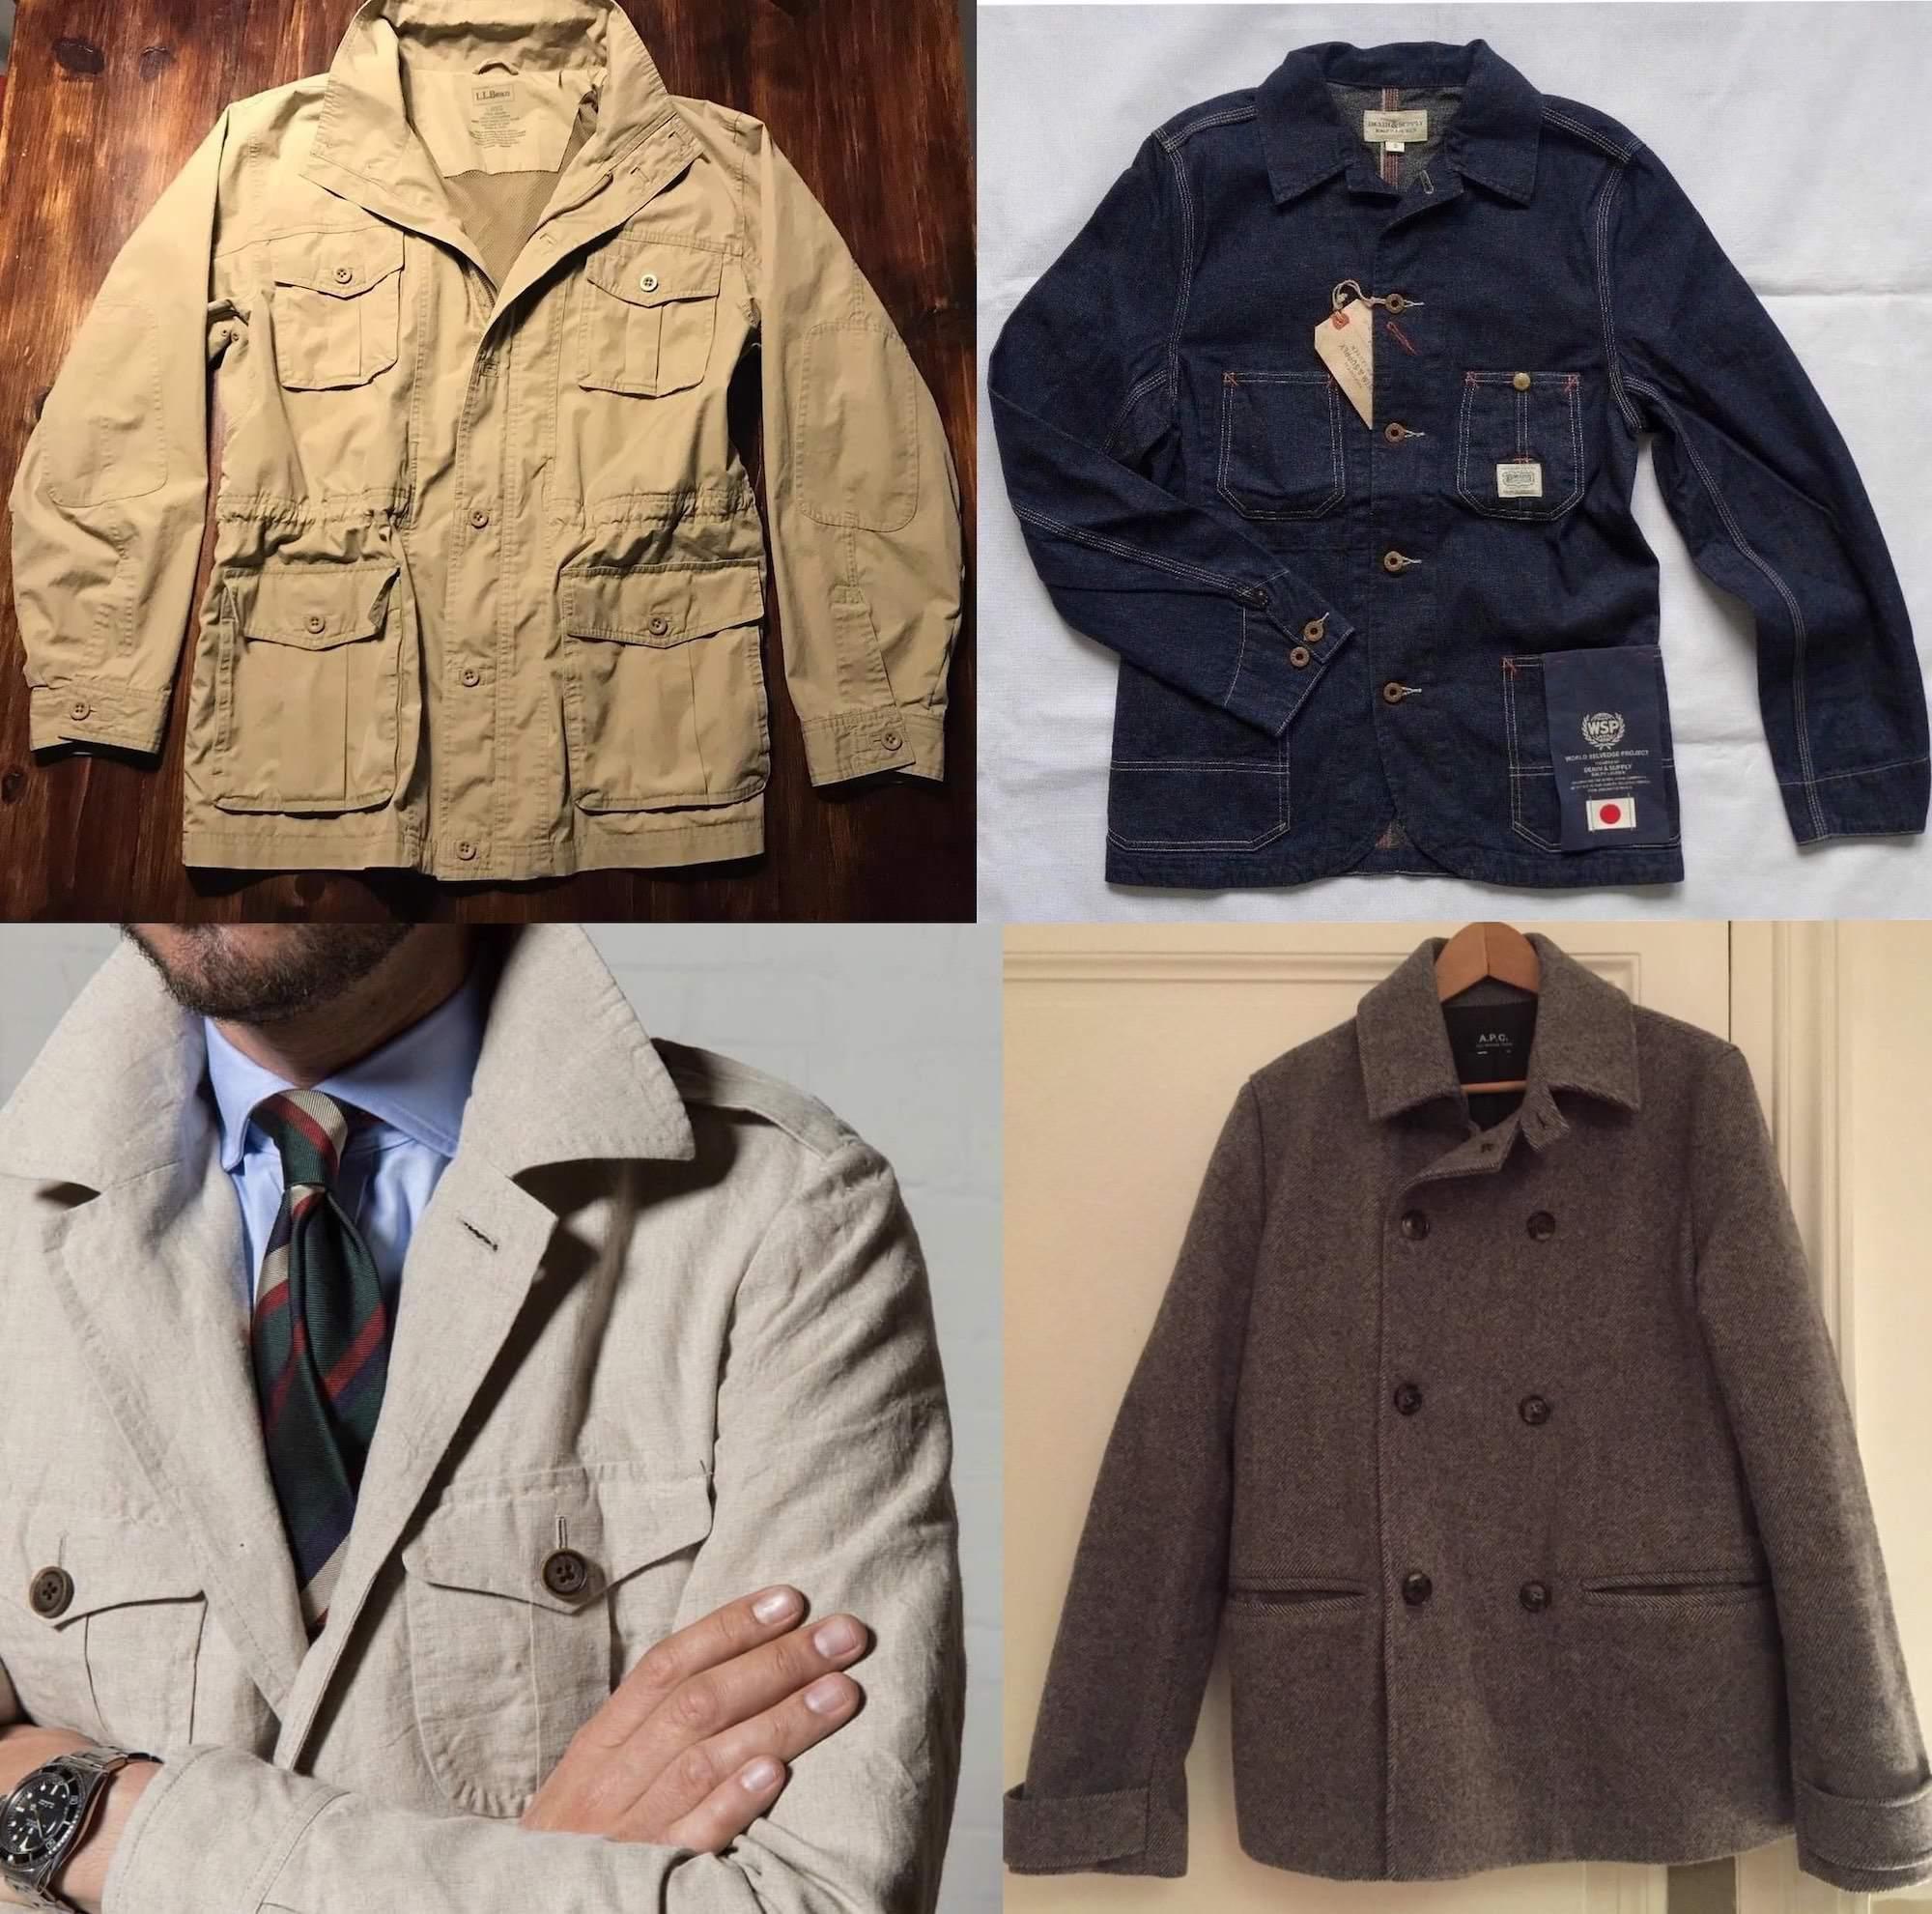 manteaux homme vintage selection